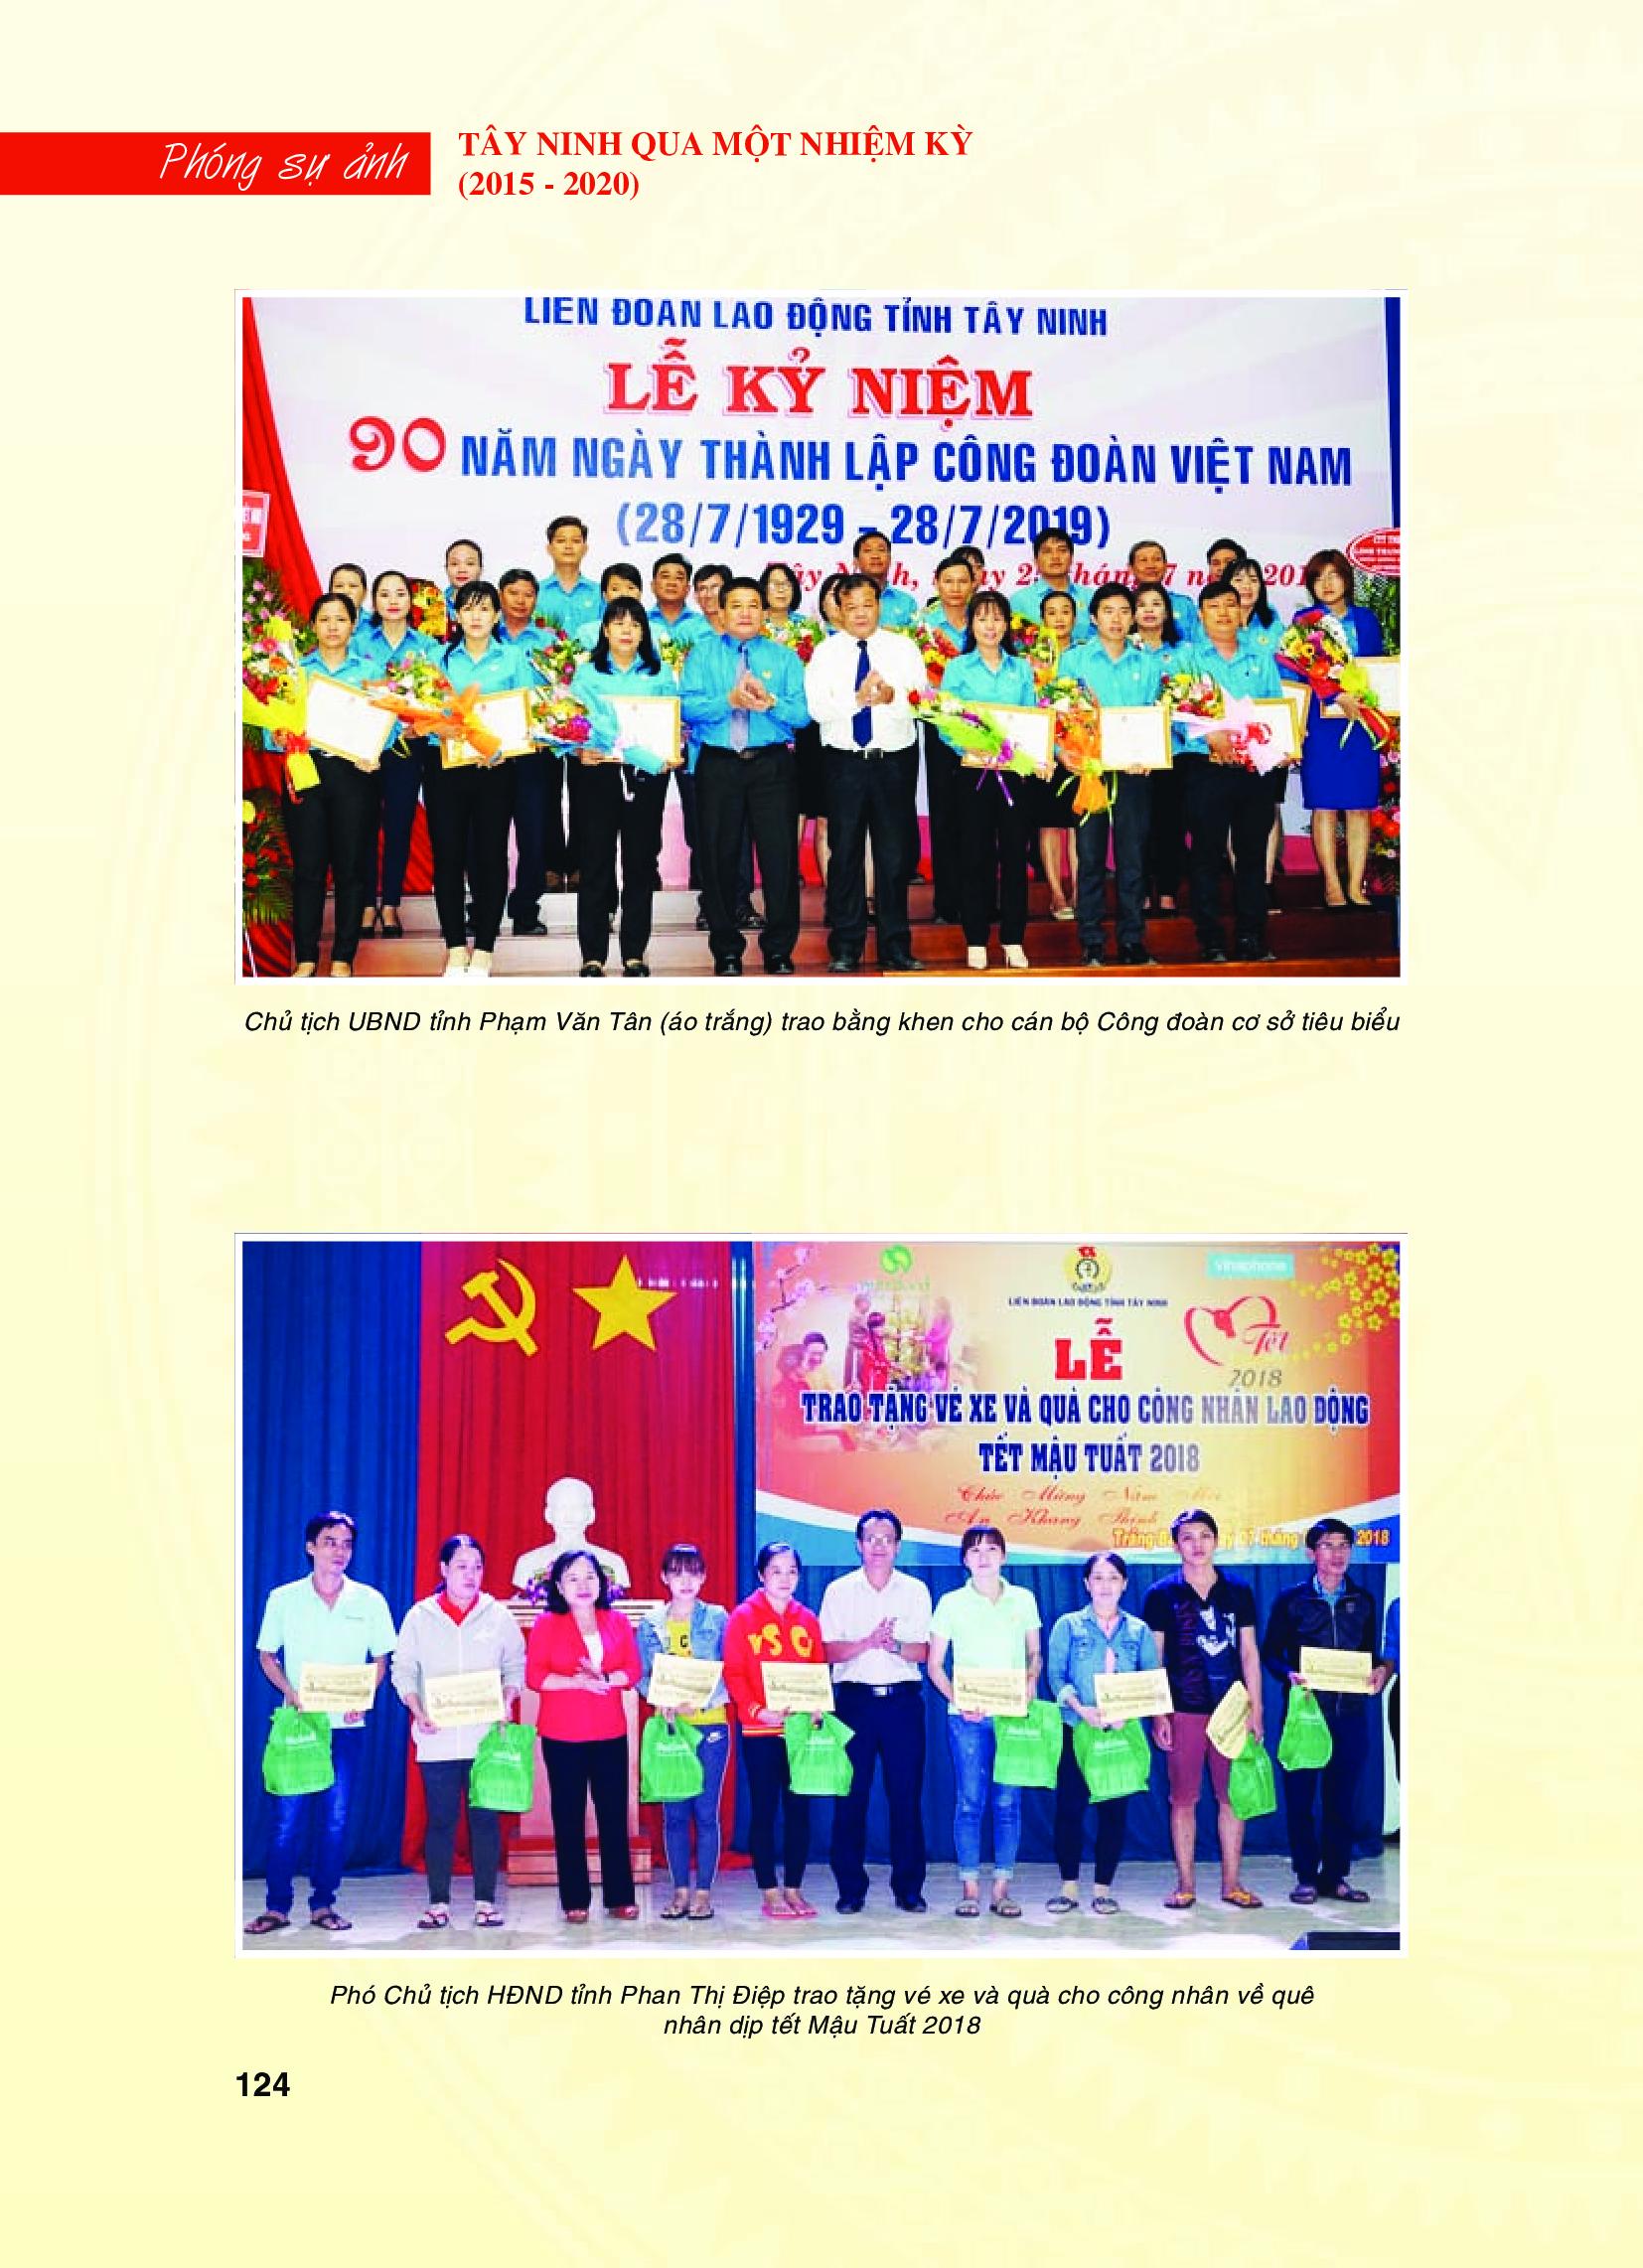 Tây Ninh qua một nhiệm kỳ (2015 - 2020): Công tác xây dựng và hệ thống chính trị